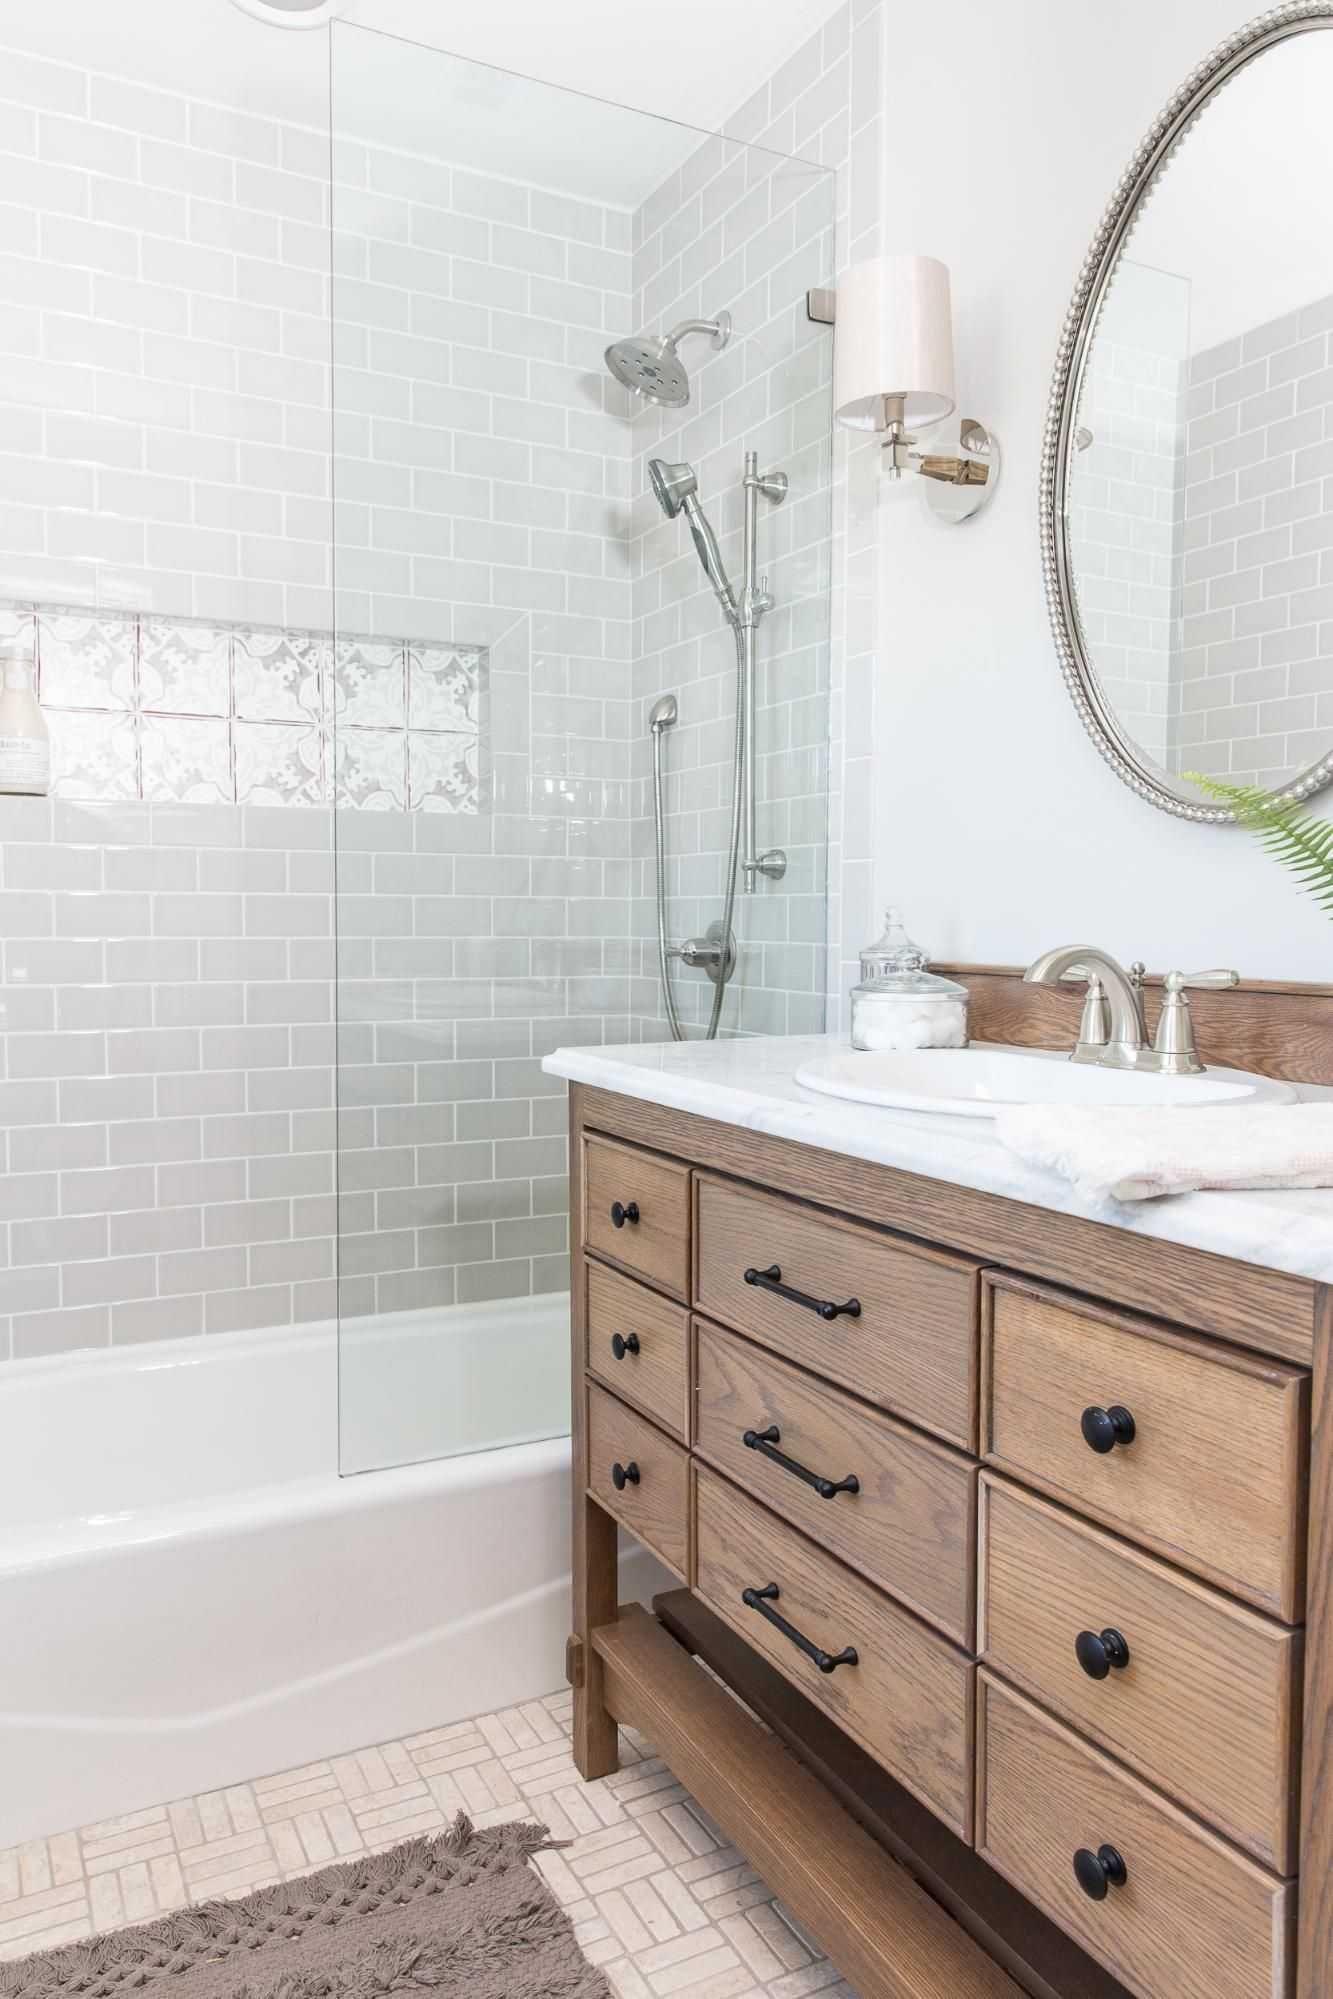 Fresh Joanna Gaines Farmhouse Bathroom Shower Curtain With Images